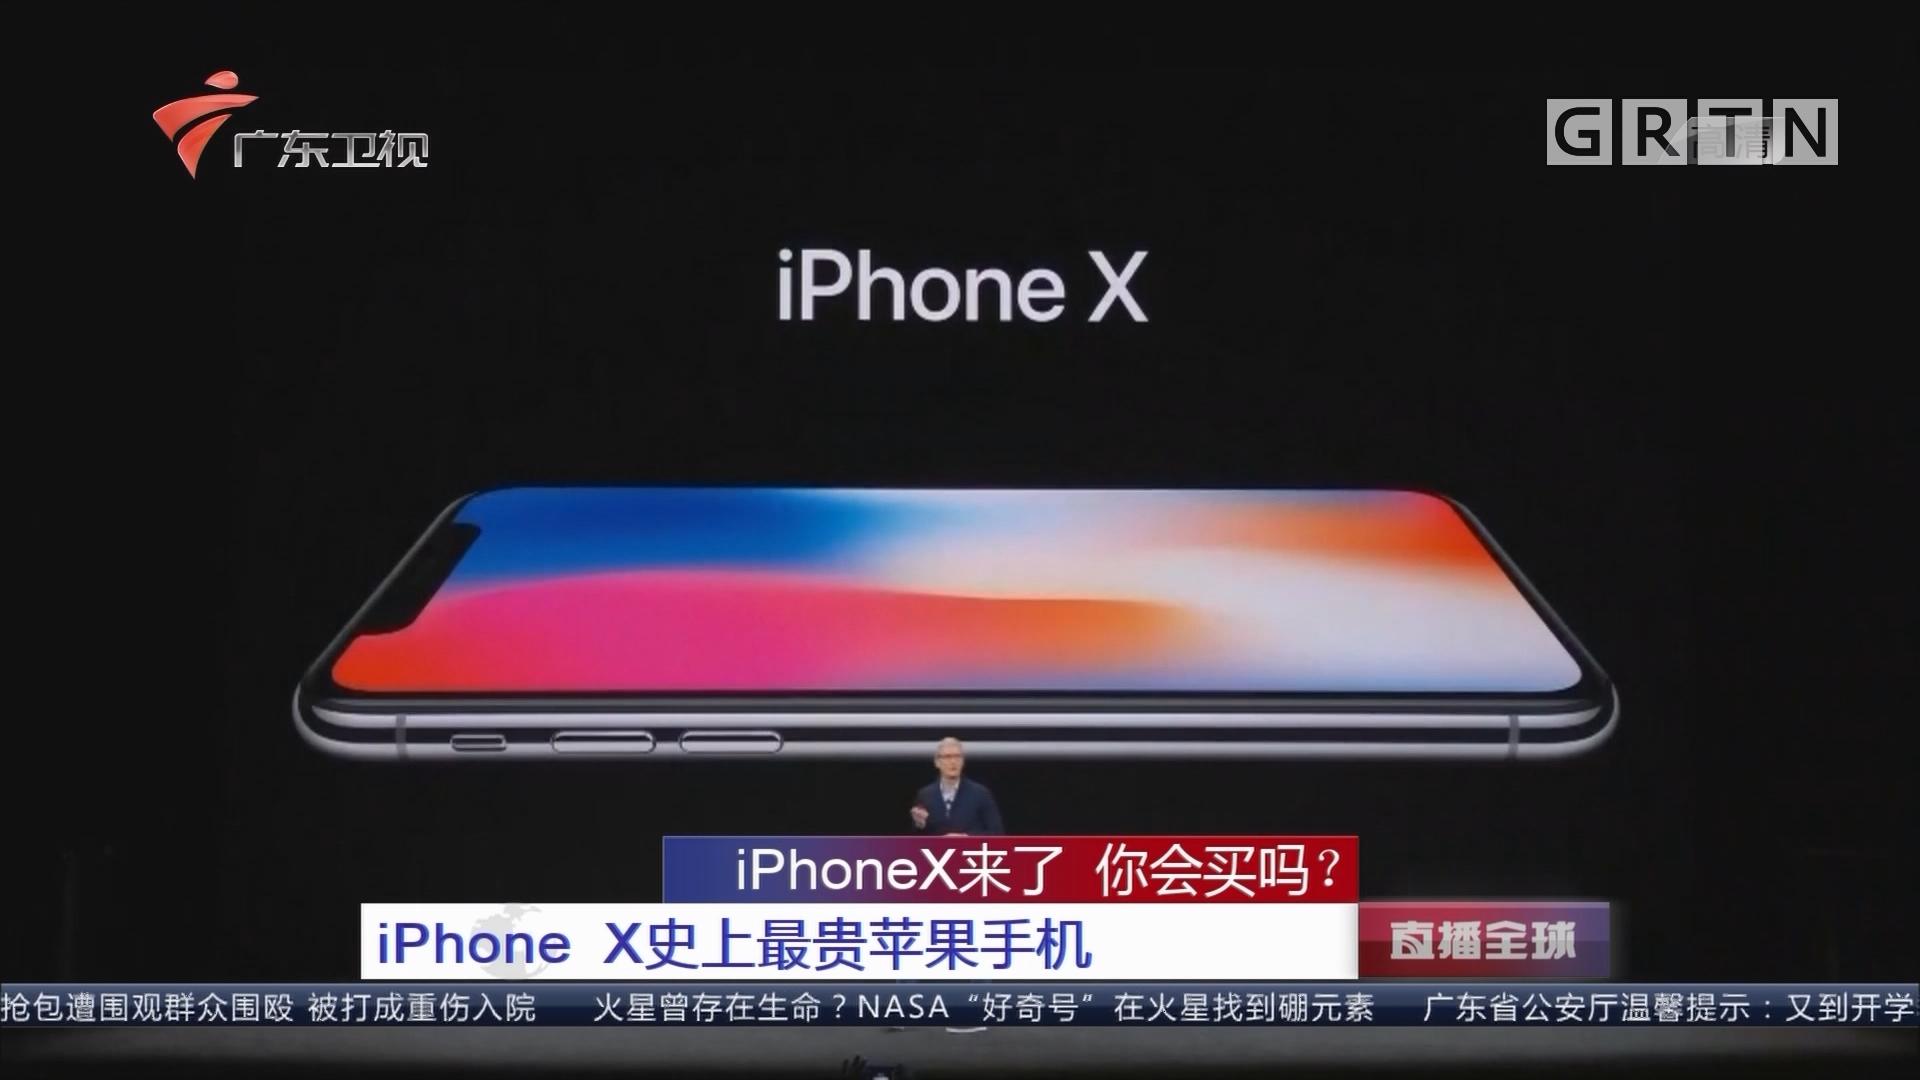 IPhoneX来了 你会买吗? IPhone X史上最贵苹果手机